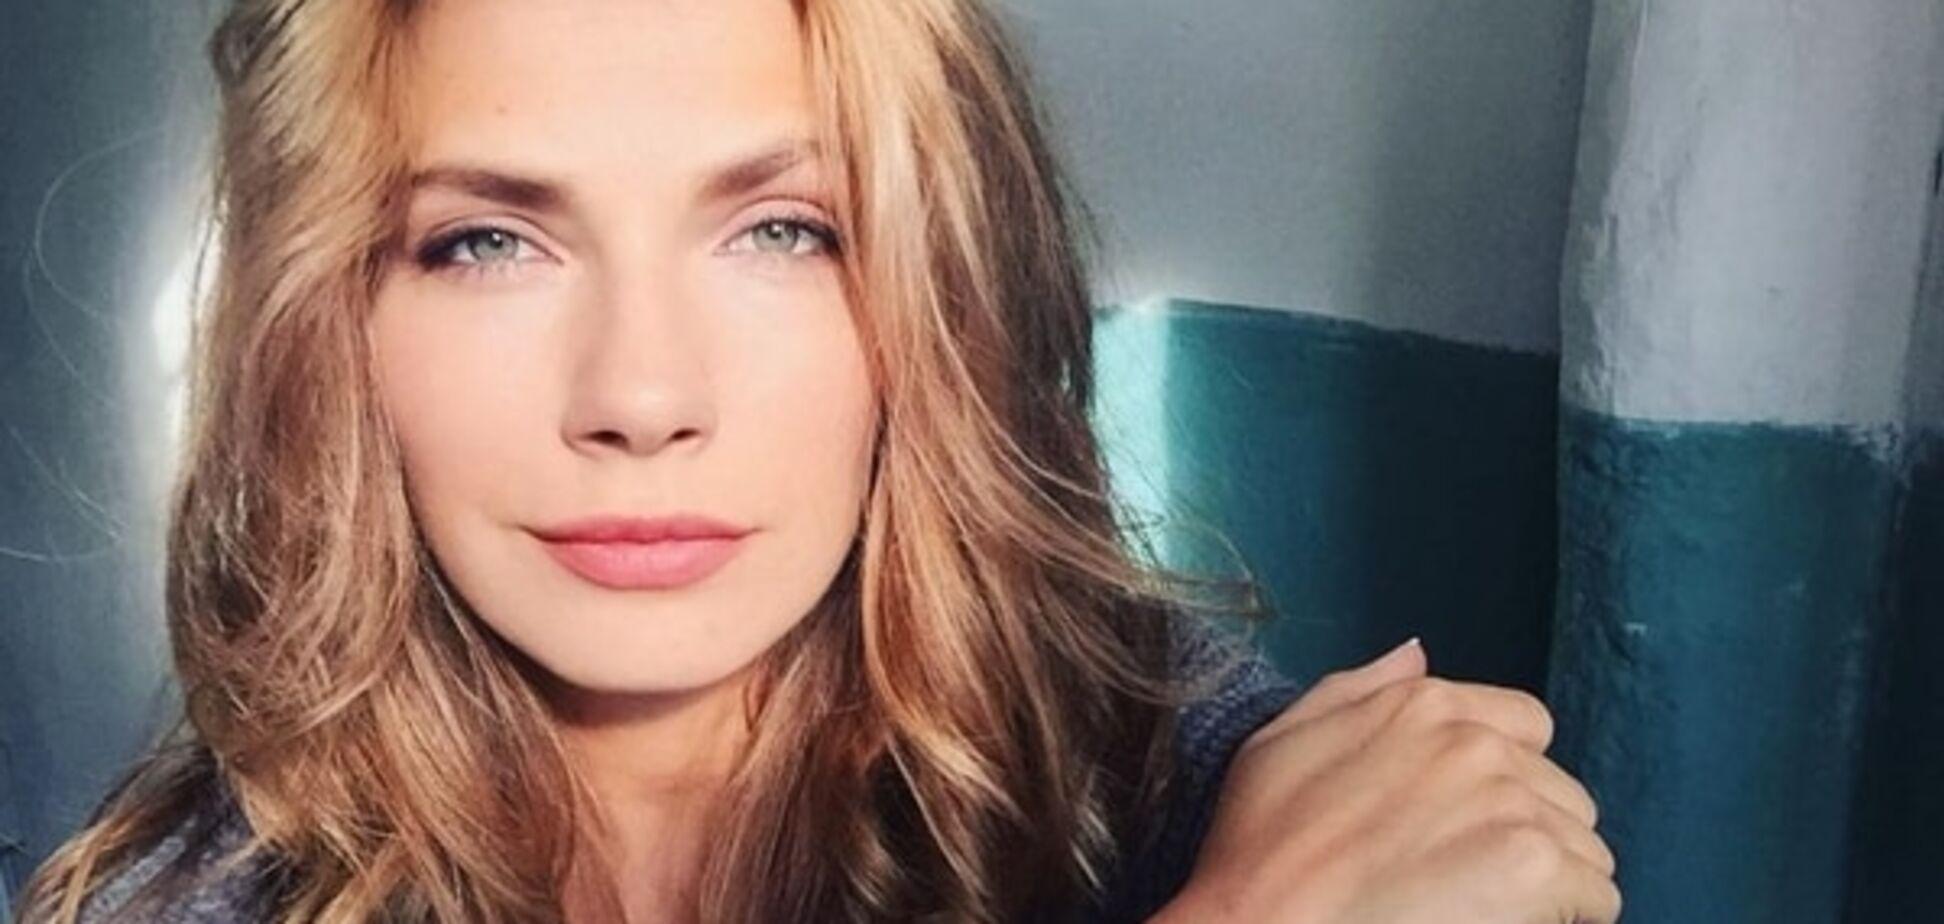 Дочь Ольги Сумской отправилась с российским бойфрендом в Грузию